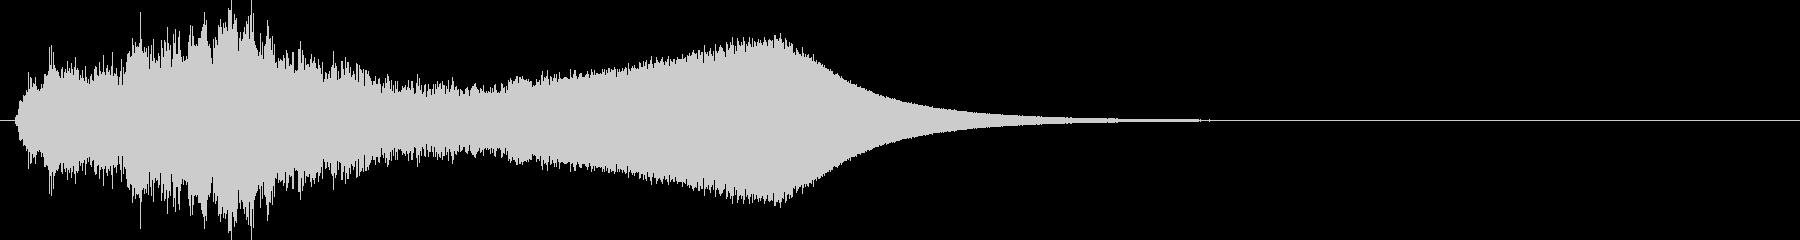 重厚 宇宙 事件 怪しい ドキュメントの未再生の波形